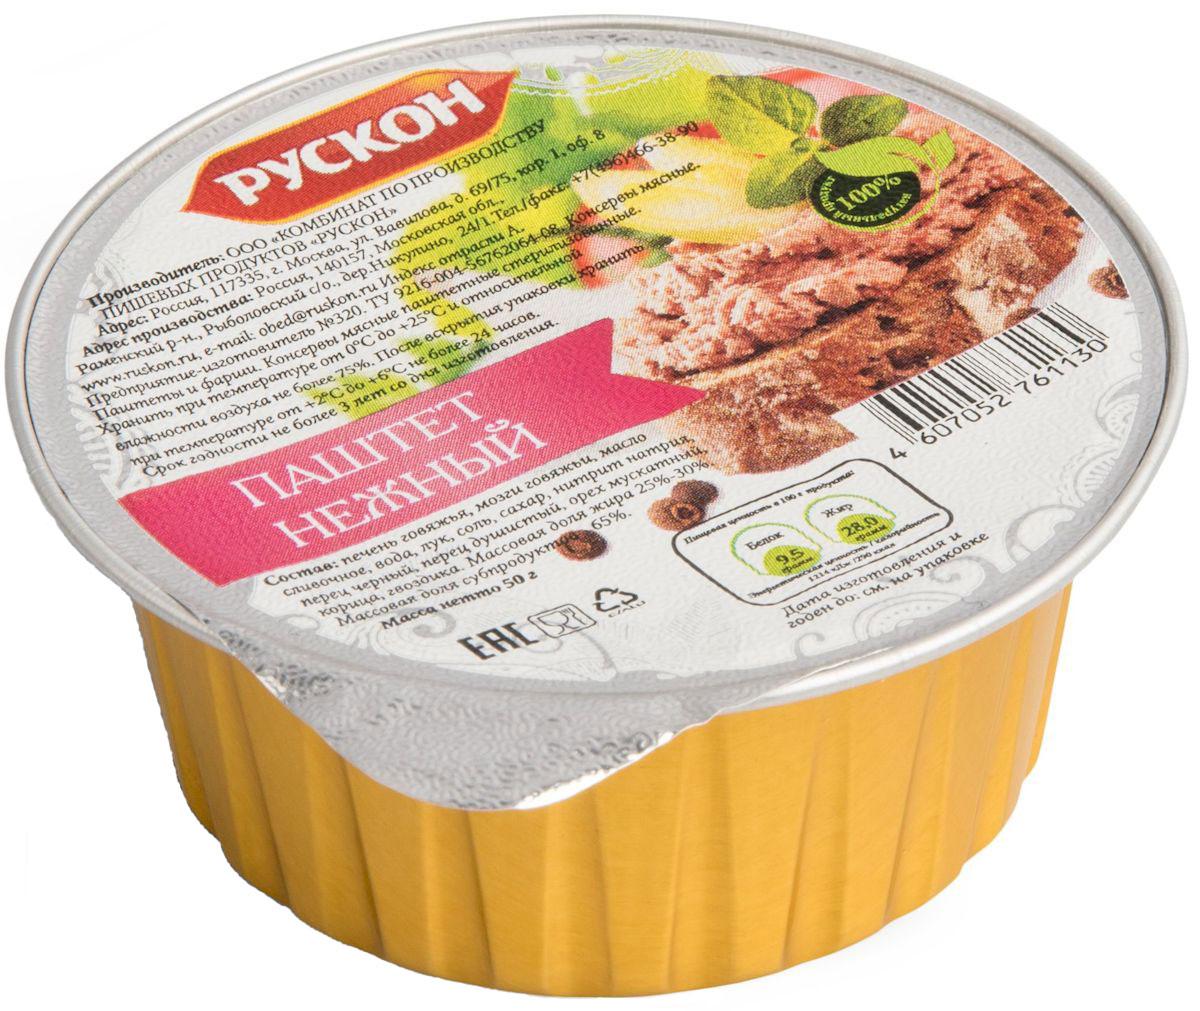 Рускон паштет нежный, 50 г5356Паштет нежный Рускон - мясные консервы стерилизованные. 100% натуральный продукт.